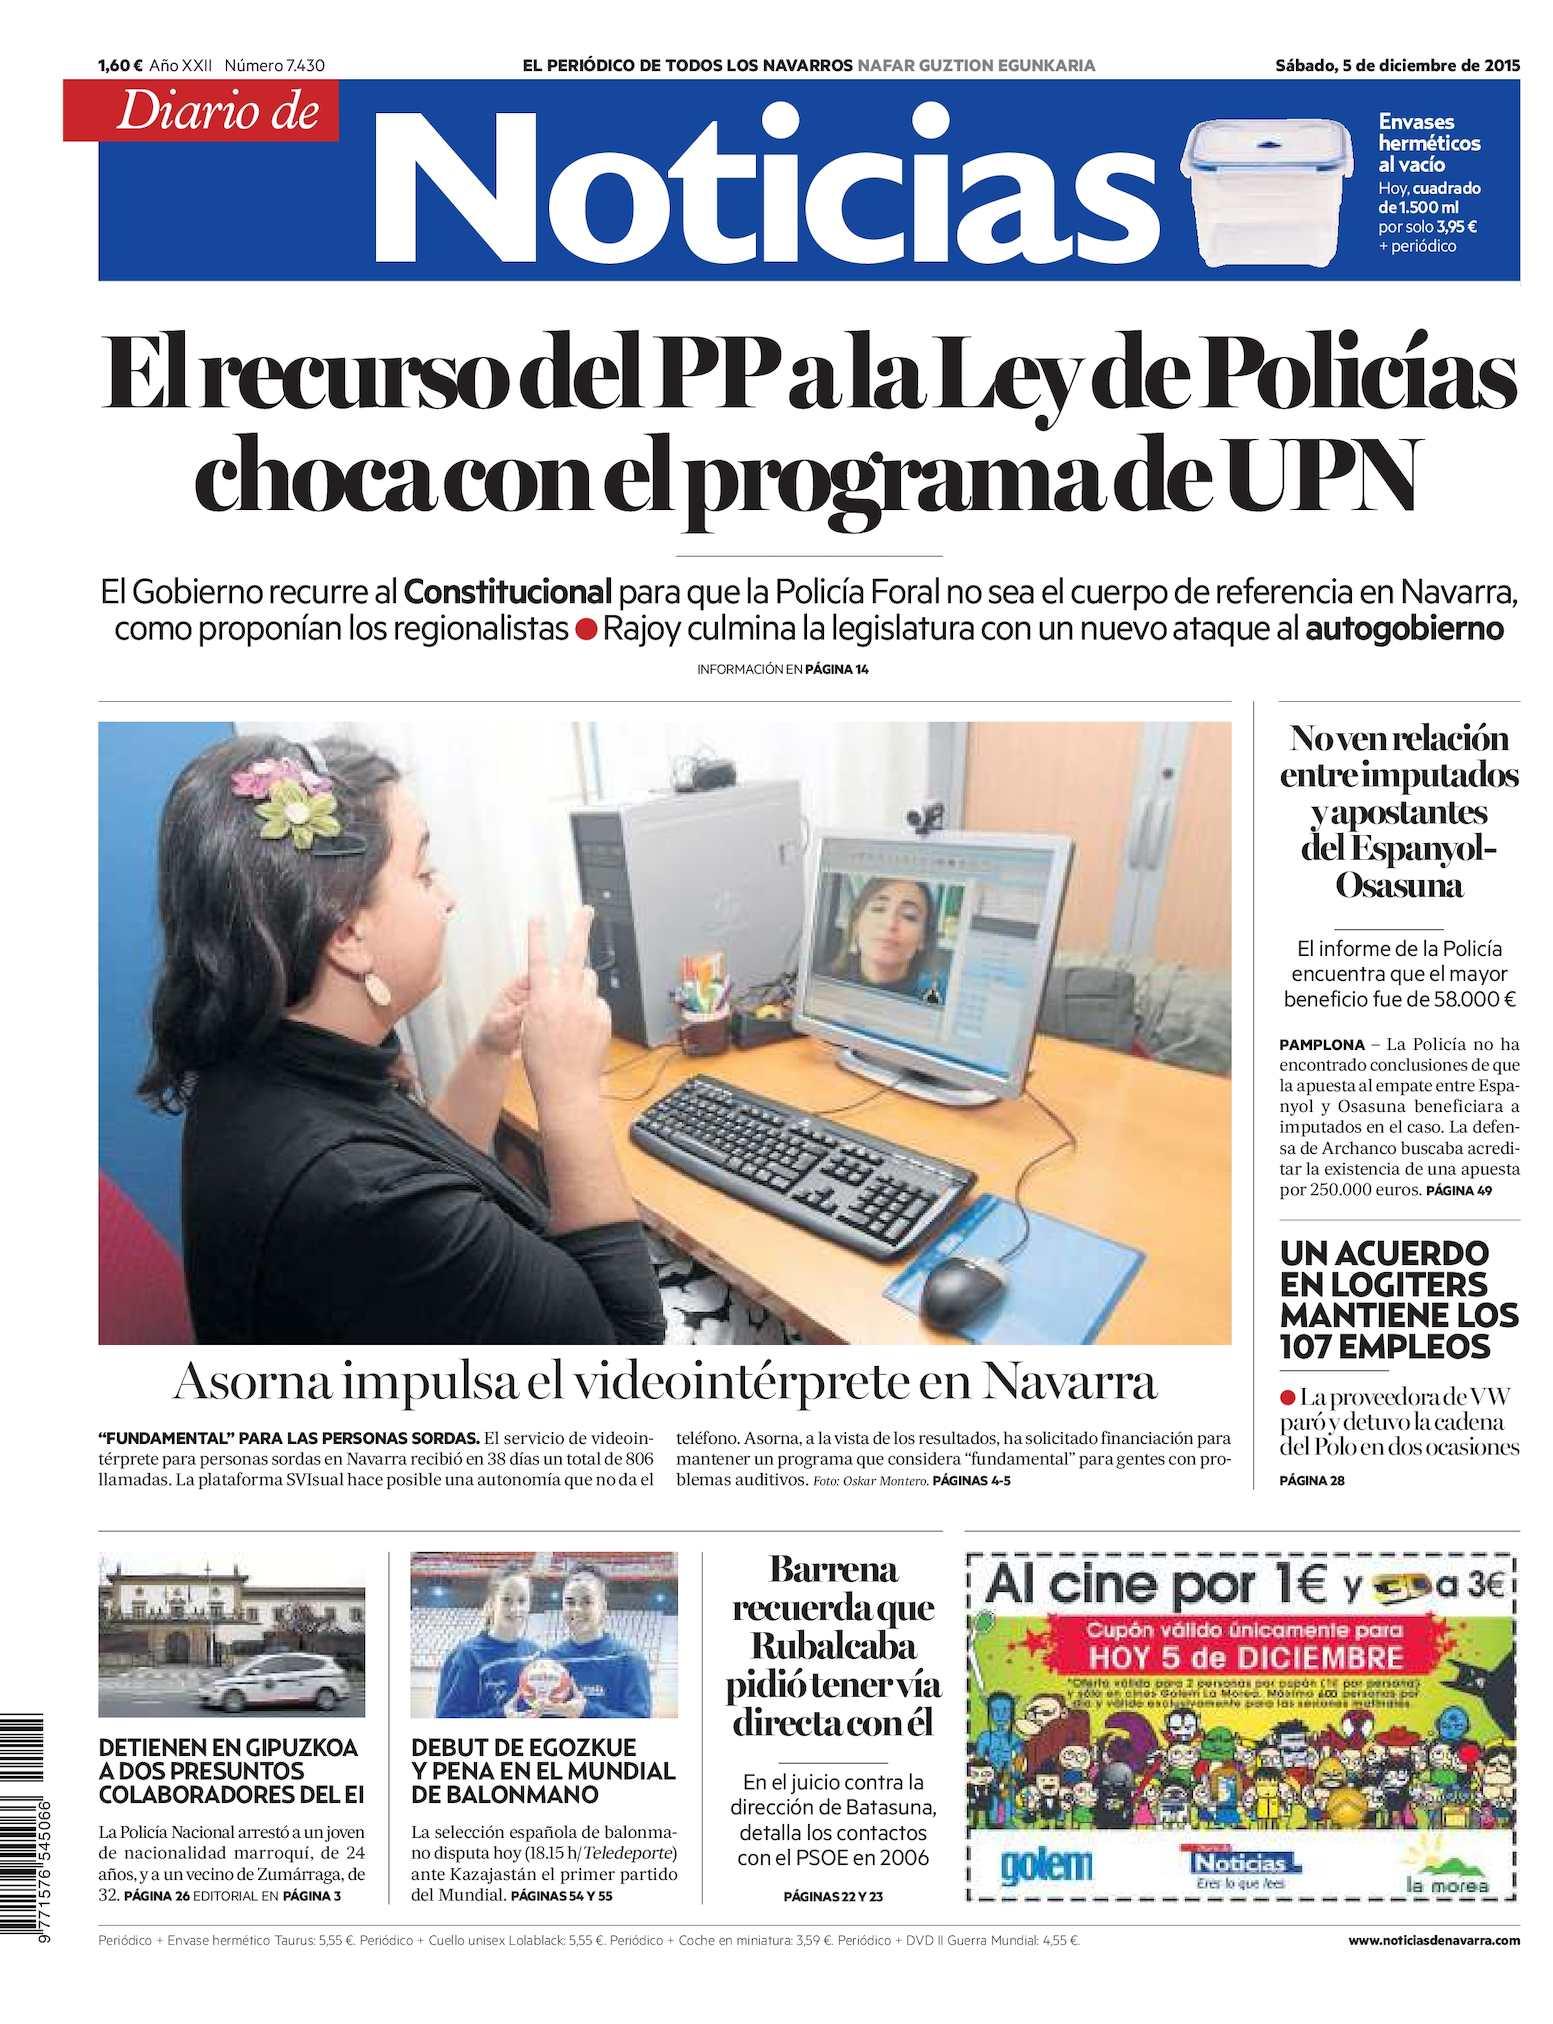 Calaméo - Diario de Noticias 20151205